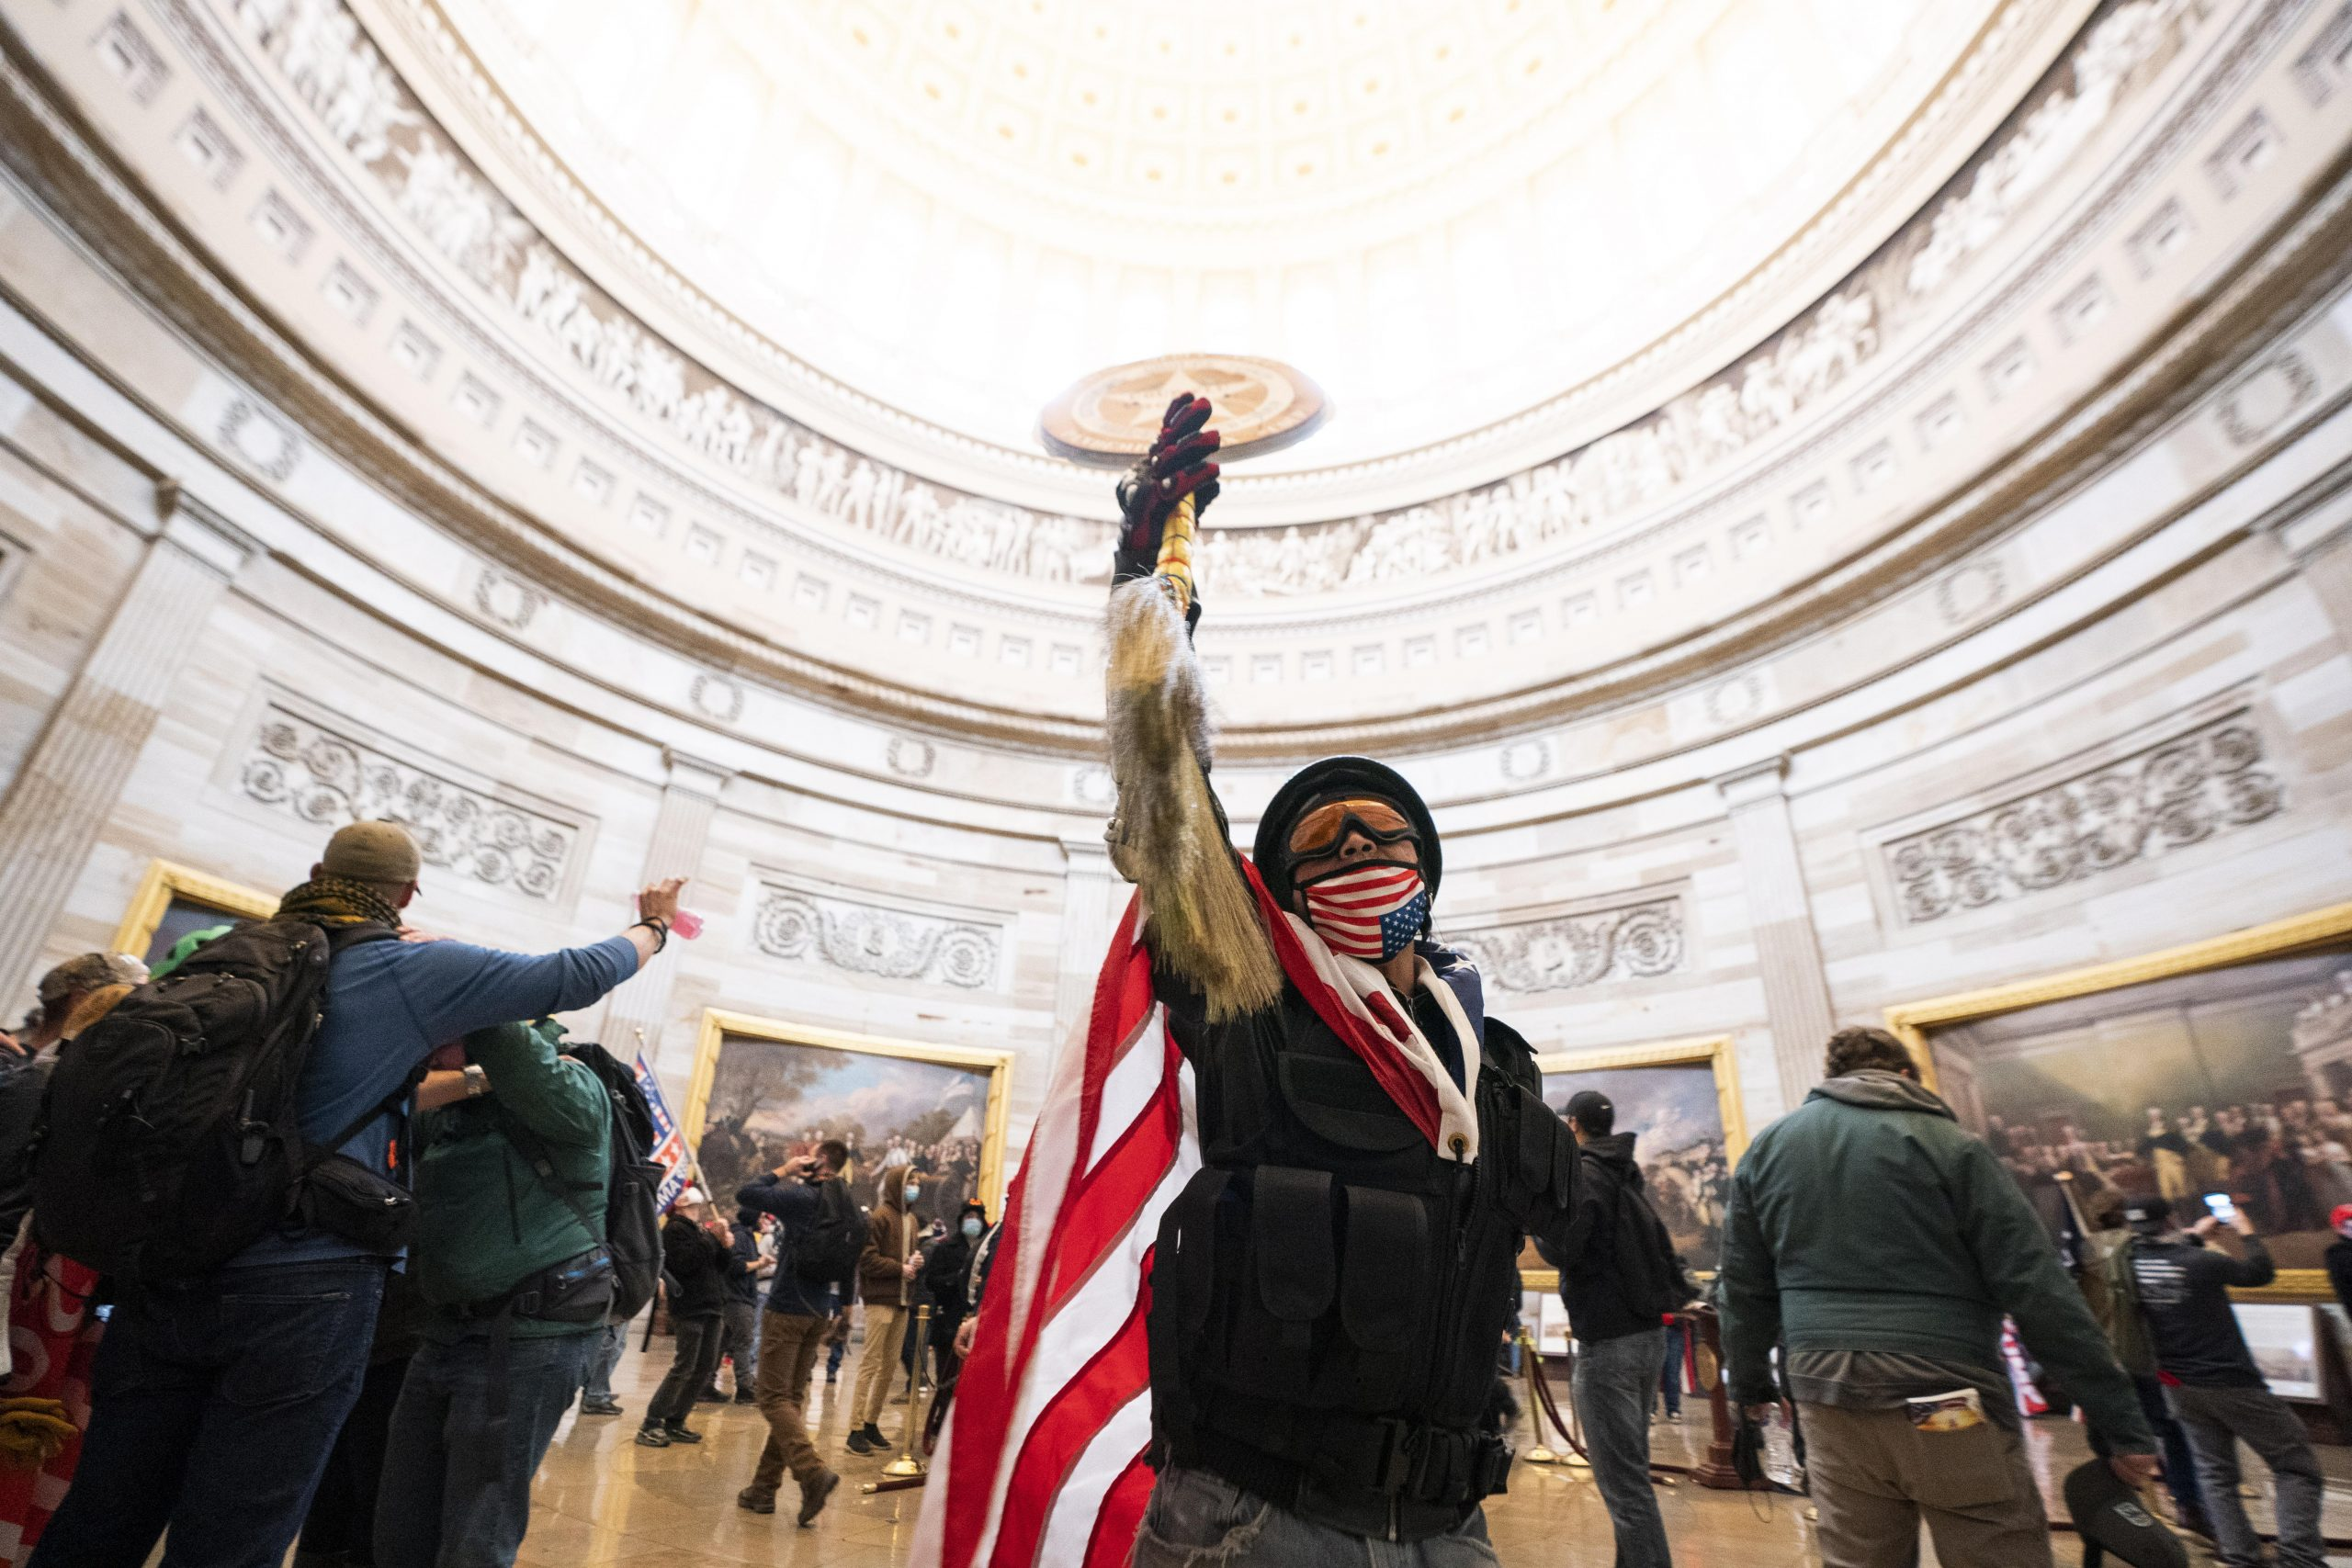 ATENCIÓN! Manifestantes pro-Trump ingresaron al Capitolio, algunos armados  | | Q'hubo Medellín